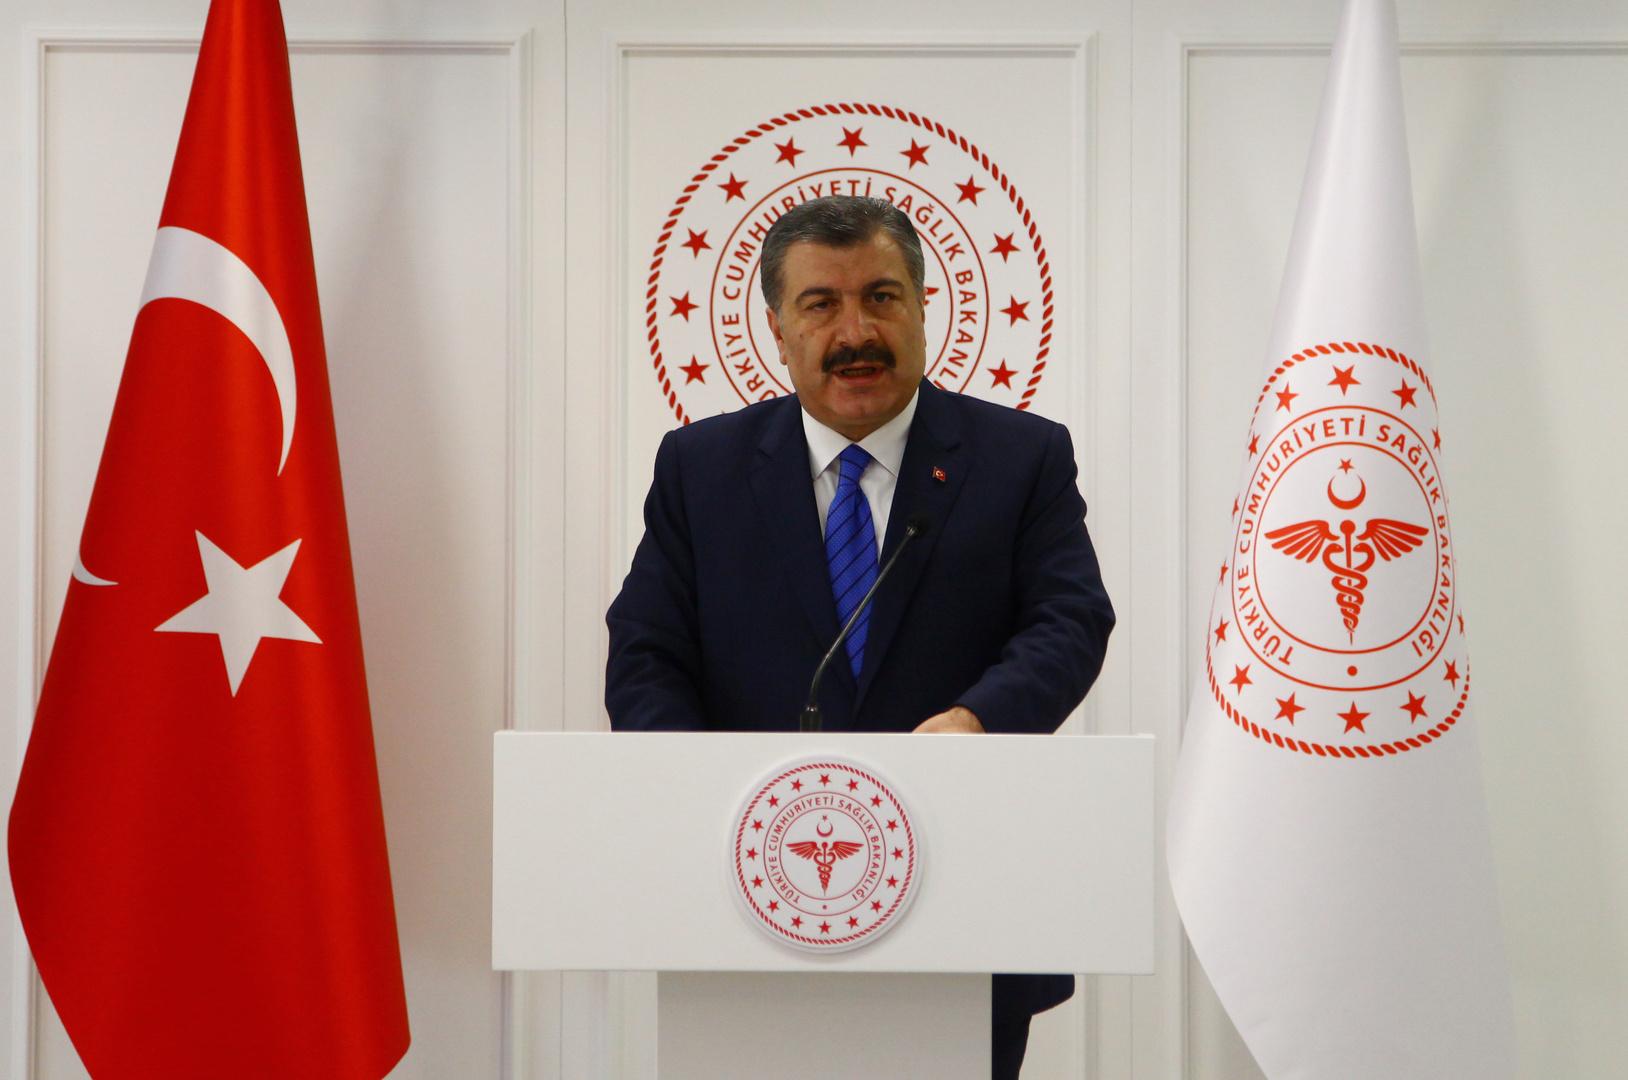 Tyrkiet bekræfter, at Corona ikke er blevet fundet på sin jord og råder sine borgere til ikke at rejse til udlandet